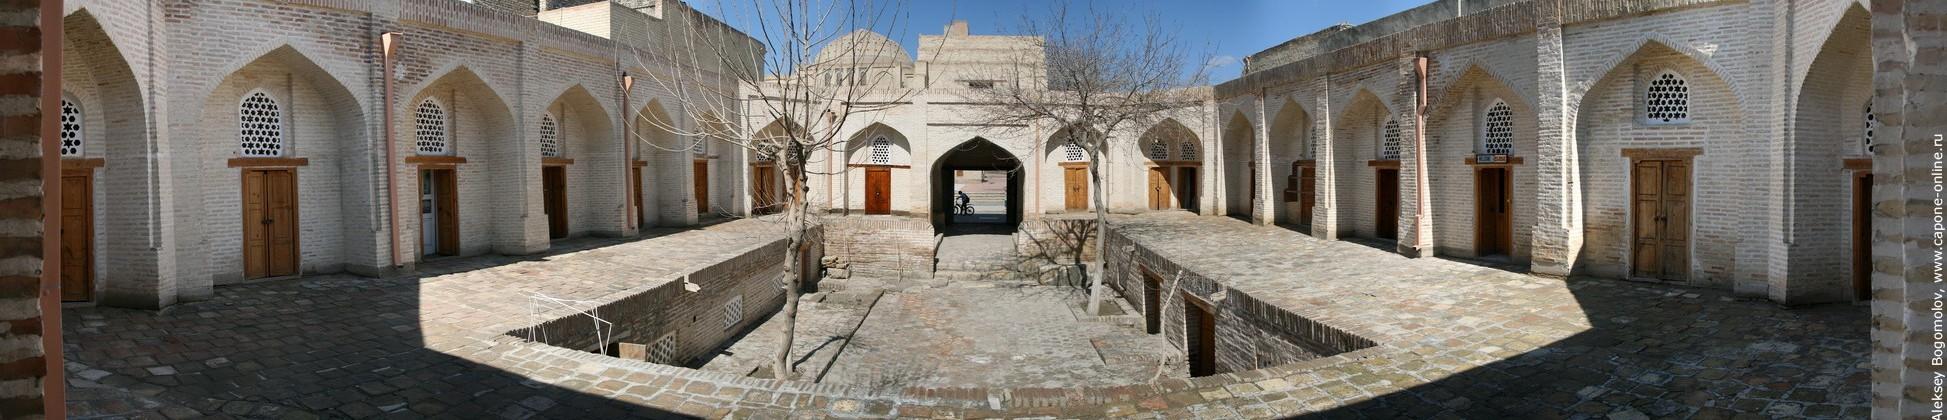 Sayfiddin's Caravanserai - 1